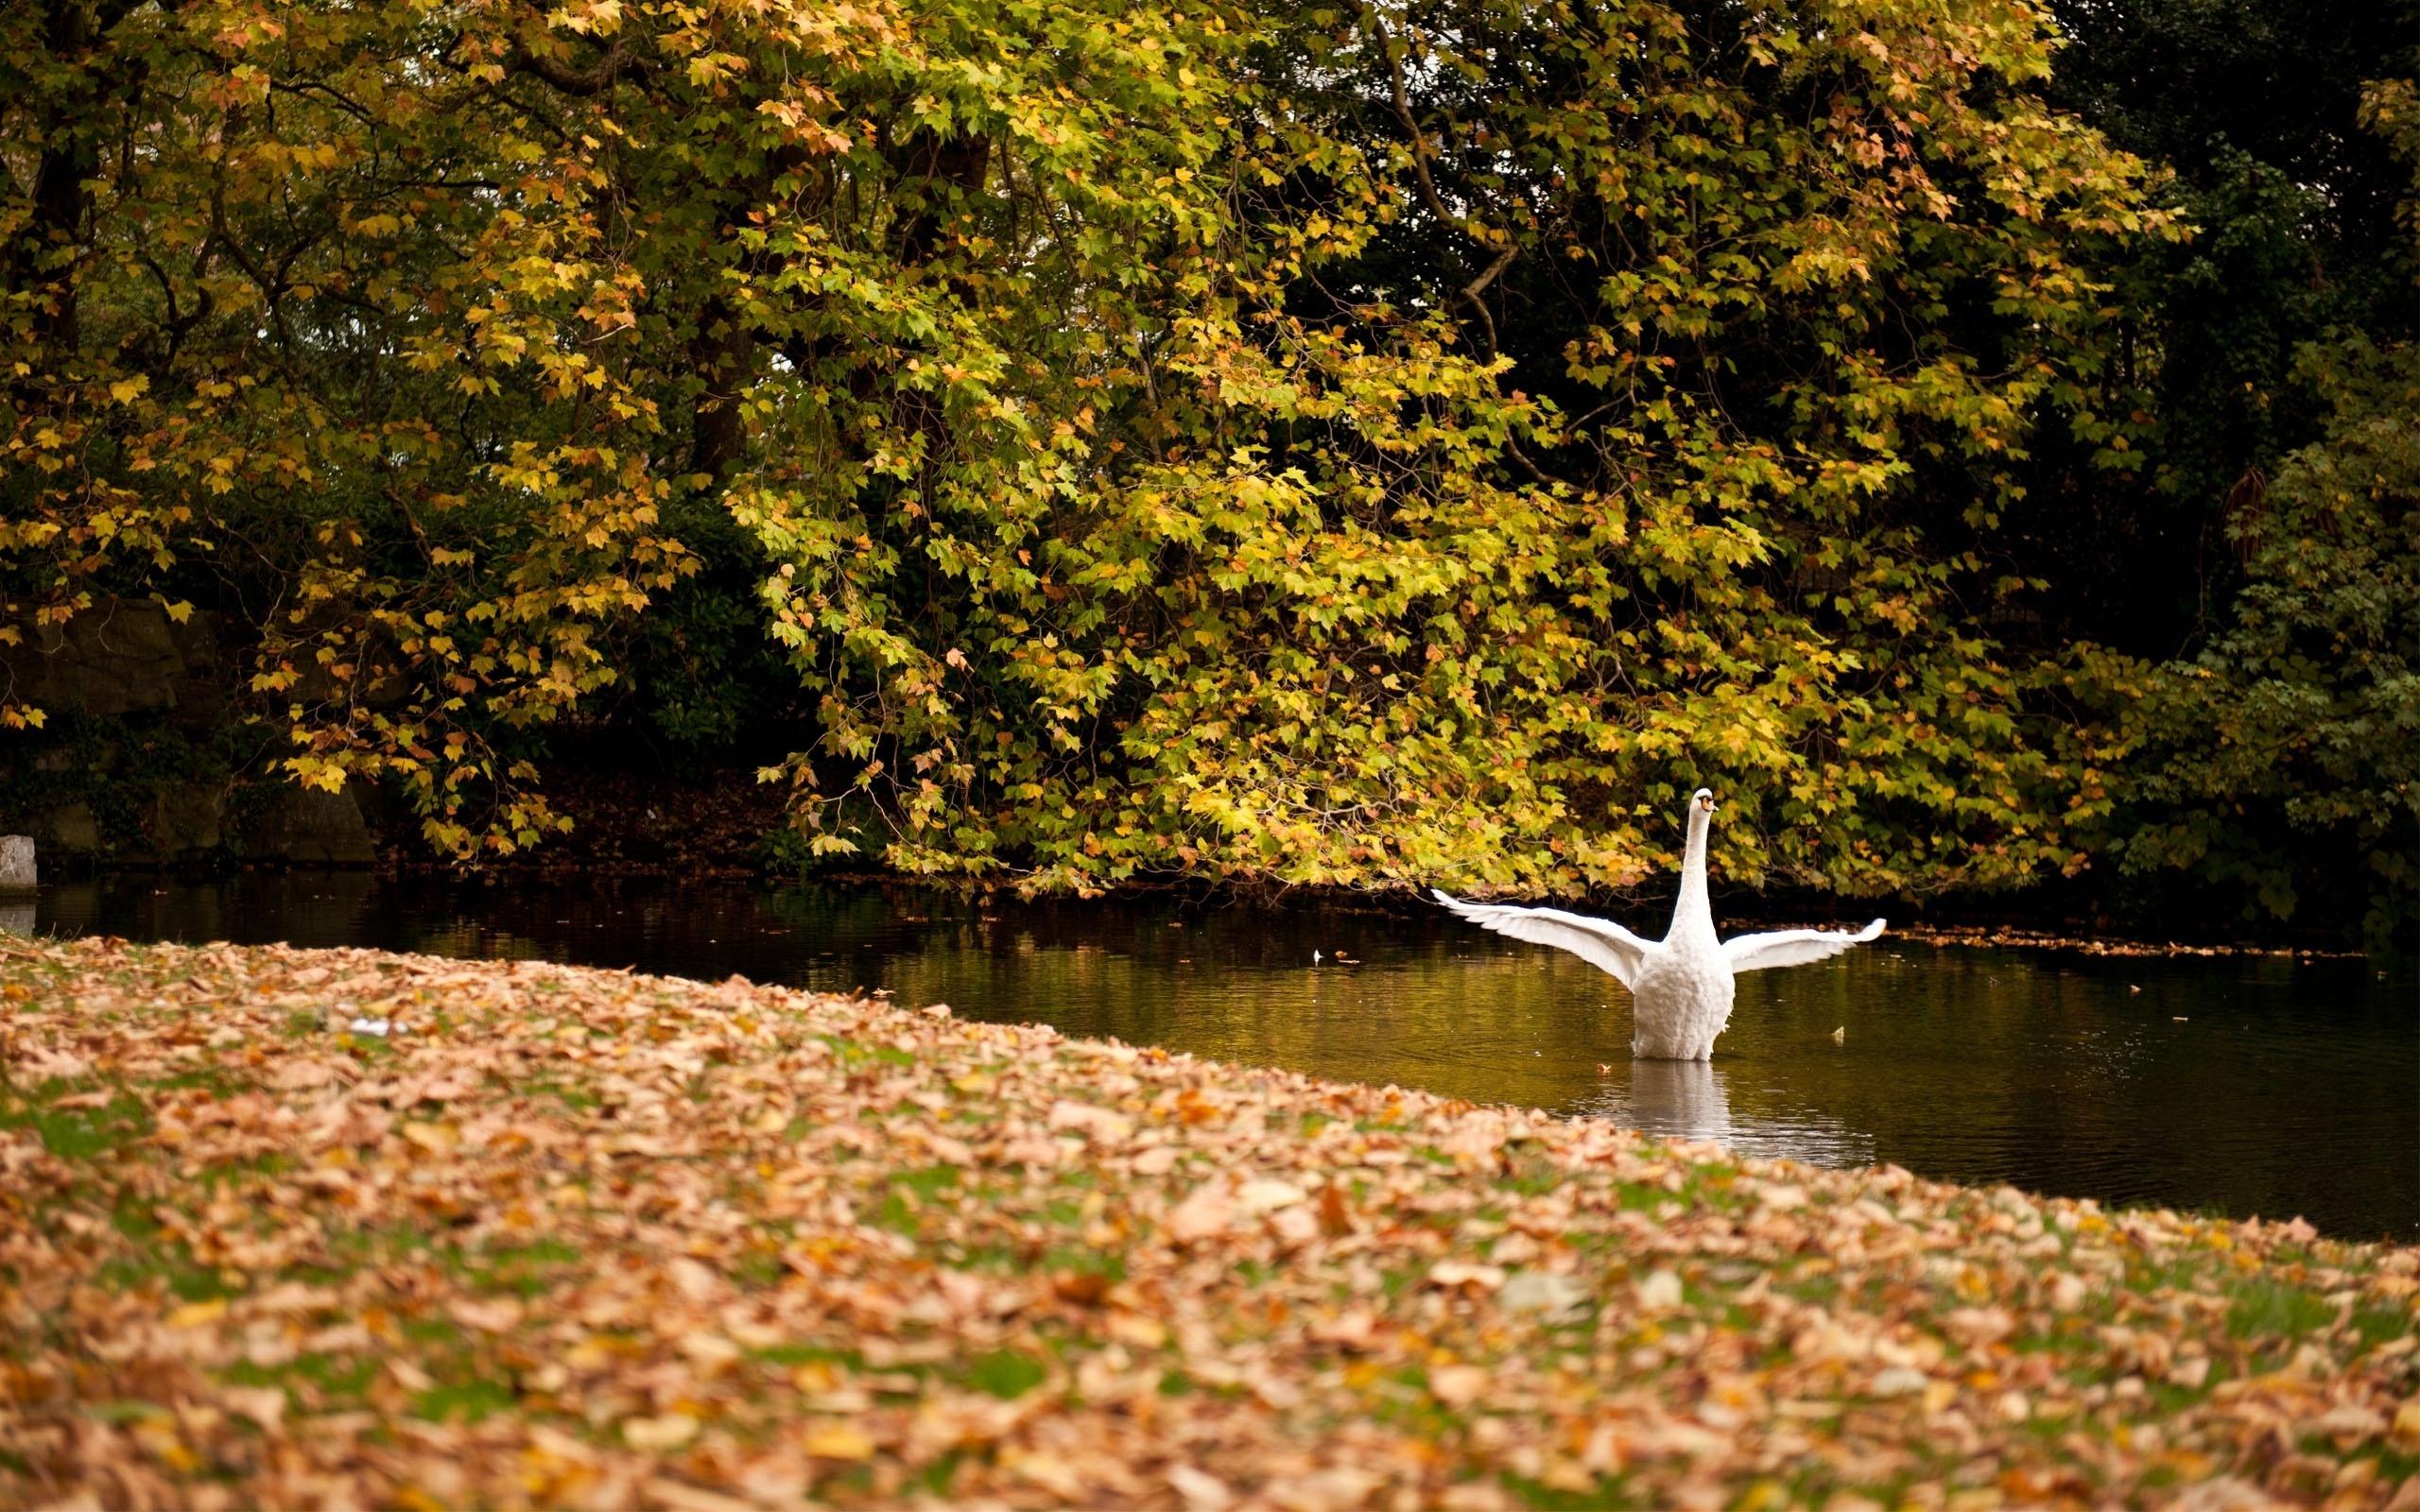 природа река деревья облака лебедь животные загрузить